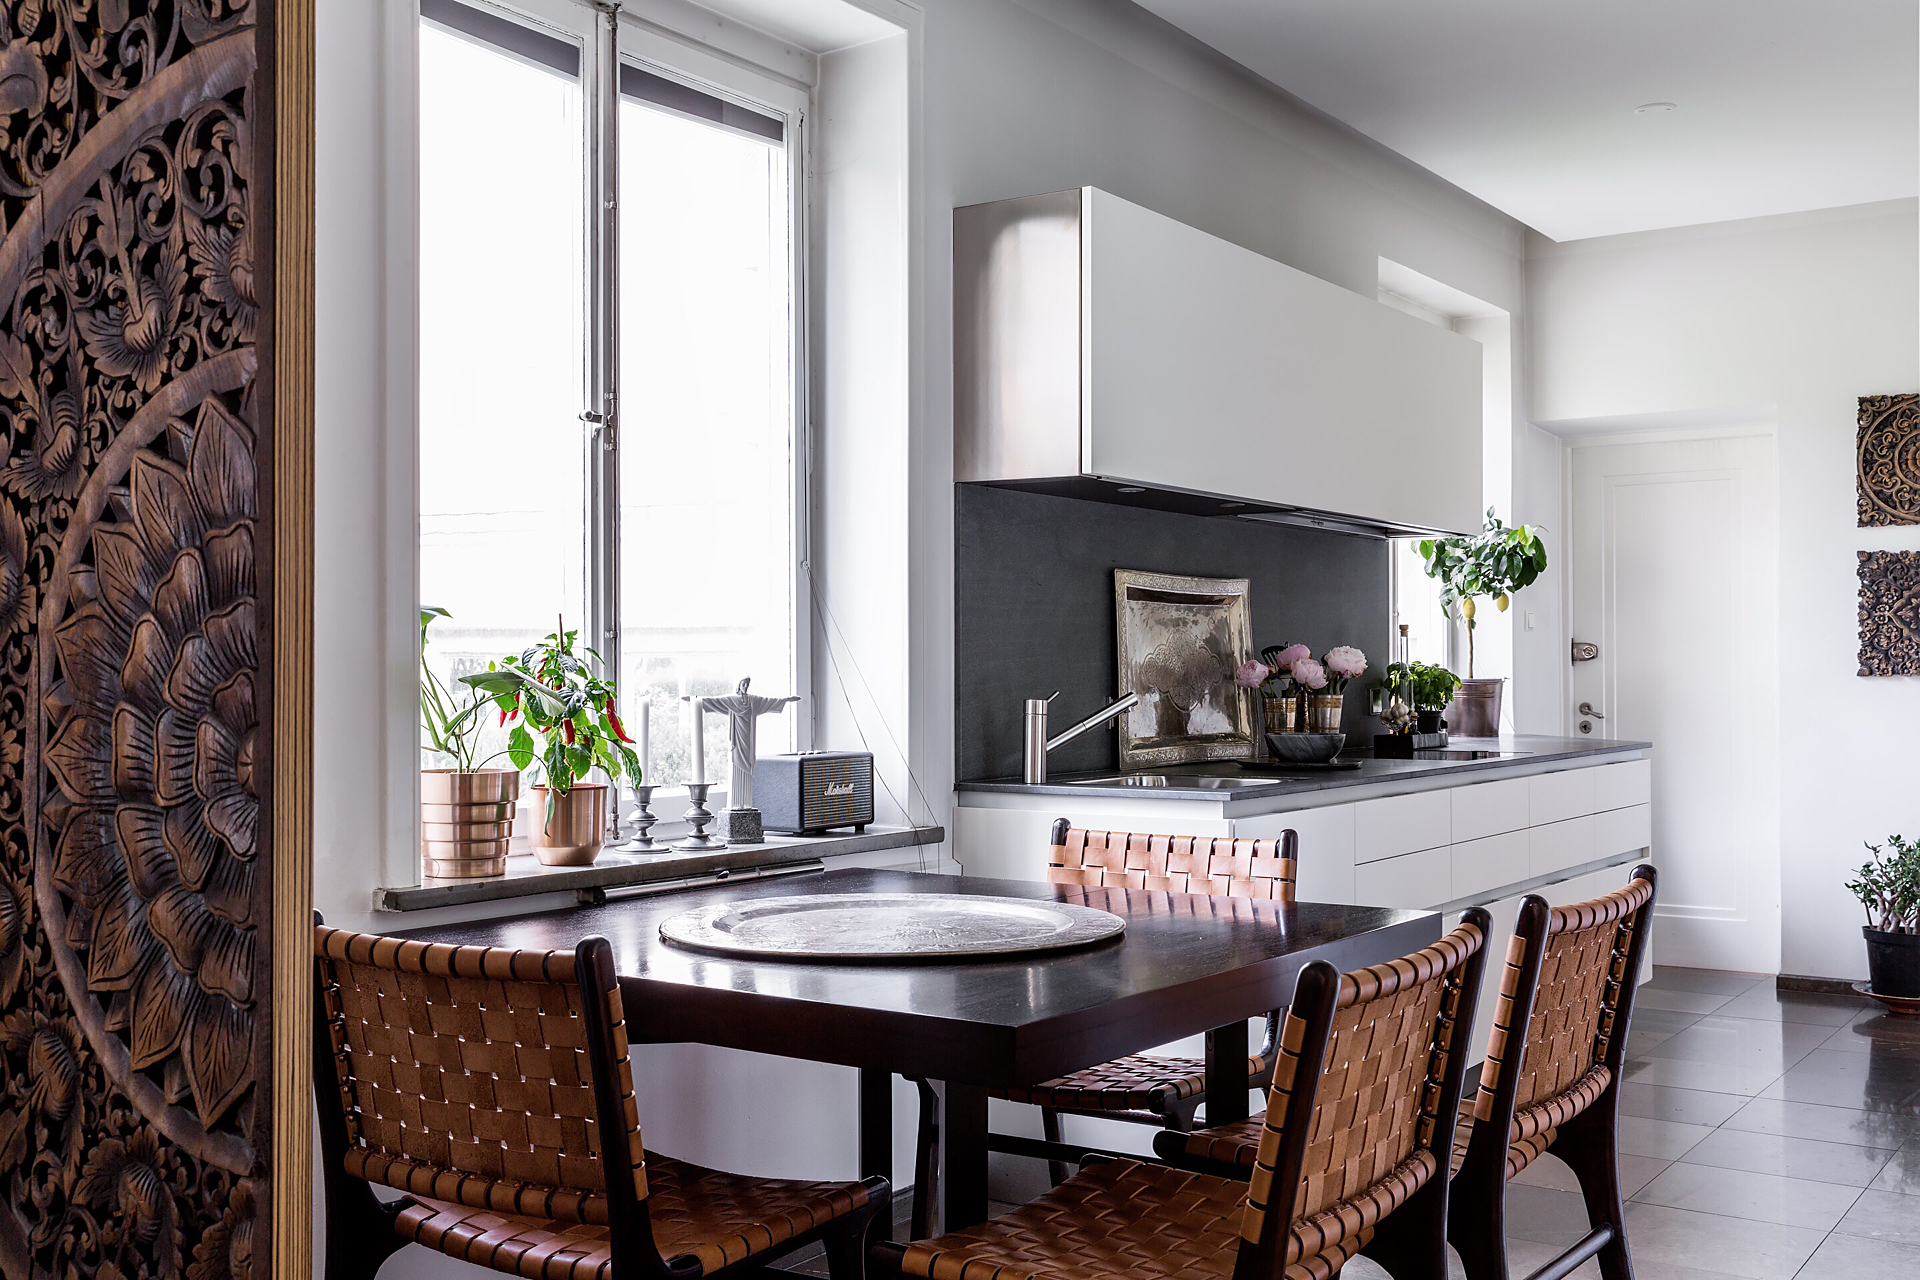 обеденный стол стулья окно подоконник вентиляция цветы кухня белые стены